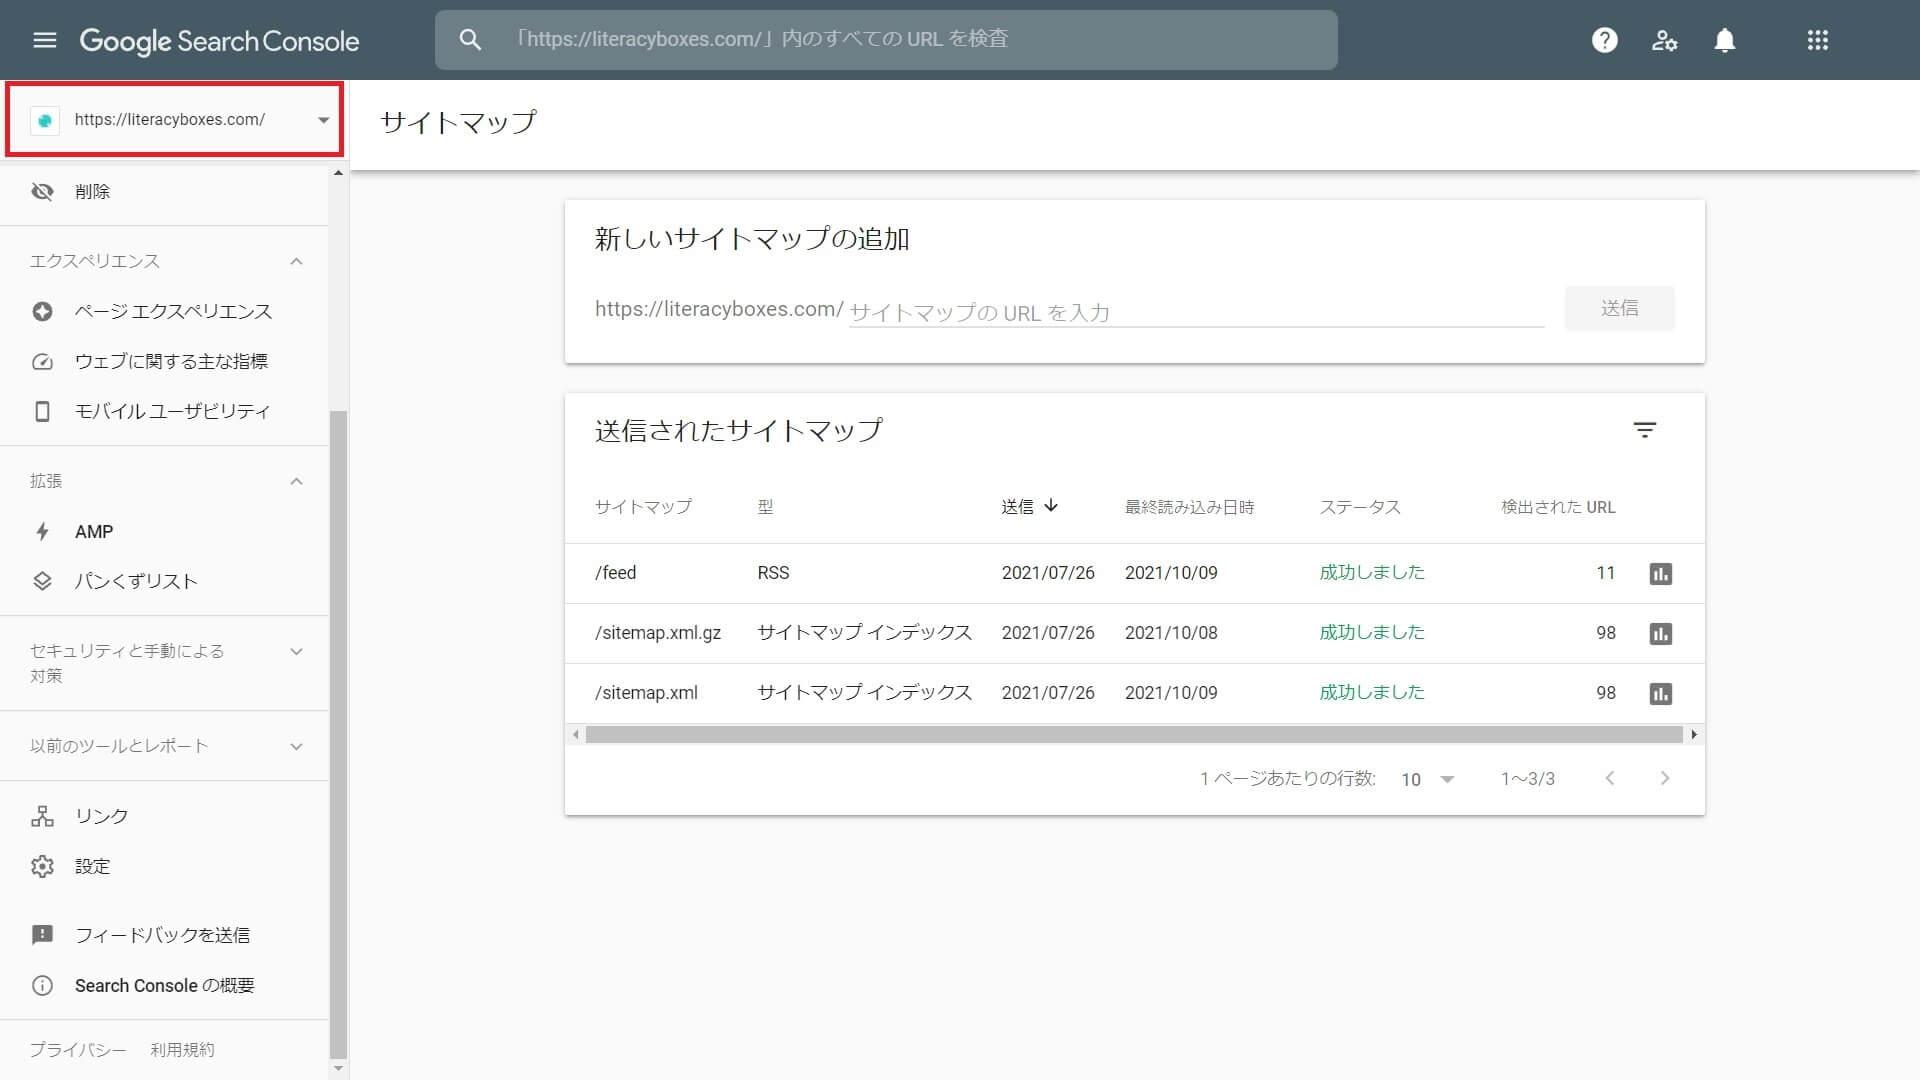 サーチコンソール-プロパティ追加登録方法